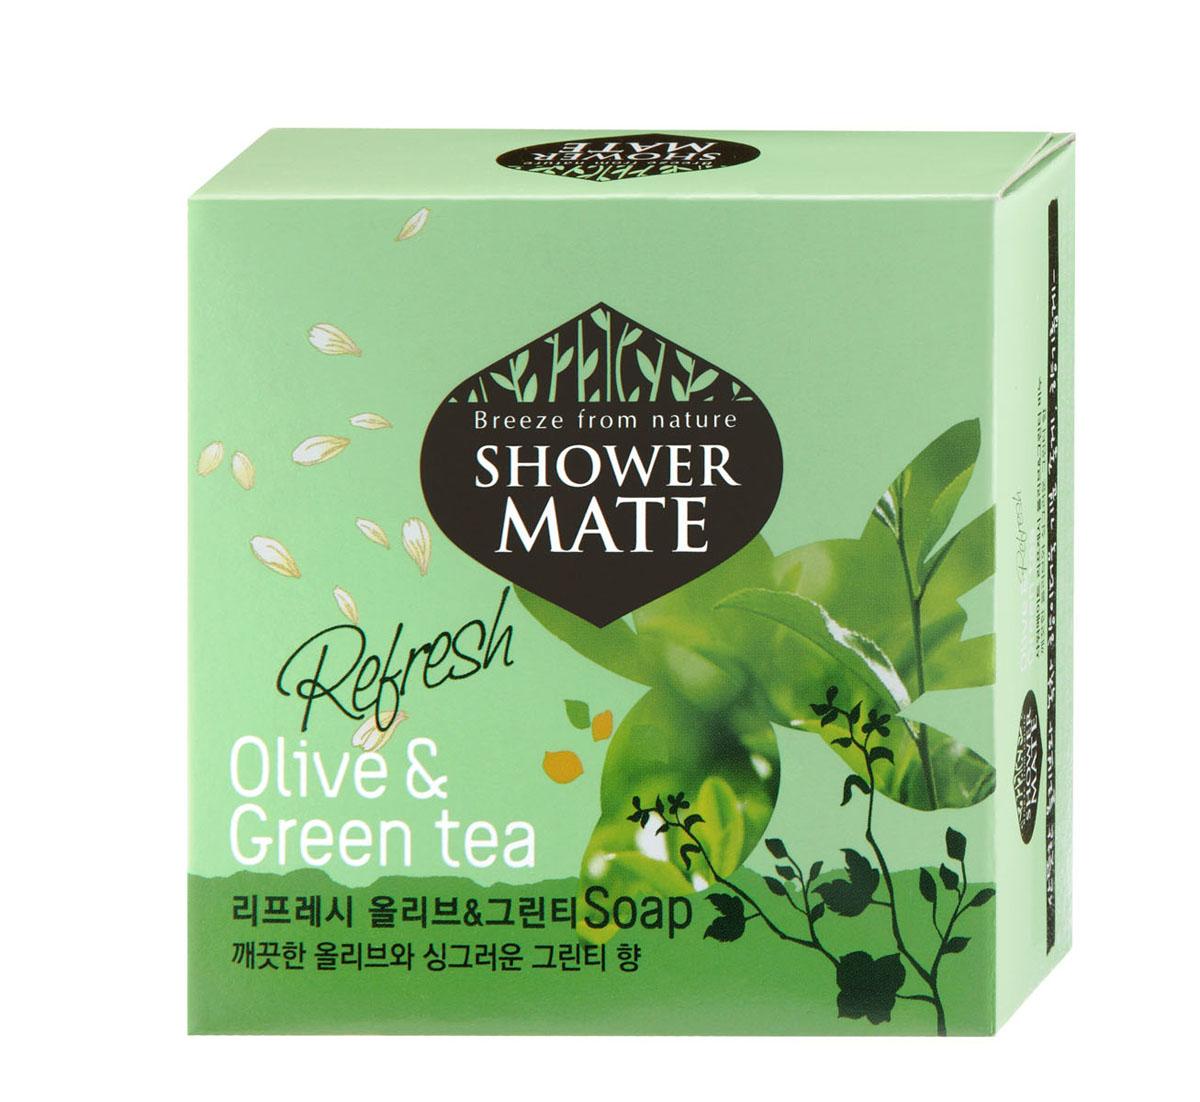 Shower Mate Мыло косметическое Оливки и зеленый чай, 100 г340010712Богатый полезными веществами, экстракт оливы увлажняет и создает защитный слой для кожи. Катехины зеленого чаяпредотвращают преждевременное старение кожи, способствуют ее омоложению. Свежий аромат оливы и бодрящий аромат зеленого чая дарят ощущение прохлады и чистоты. Характеристики:Вес: 100 г. Артикул: 988084. Производитель: Корея. Товар сертифицирован.